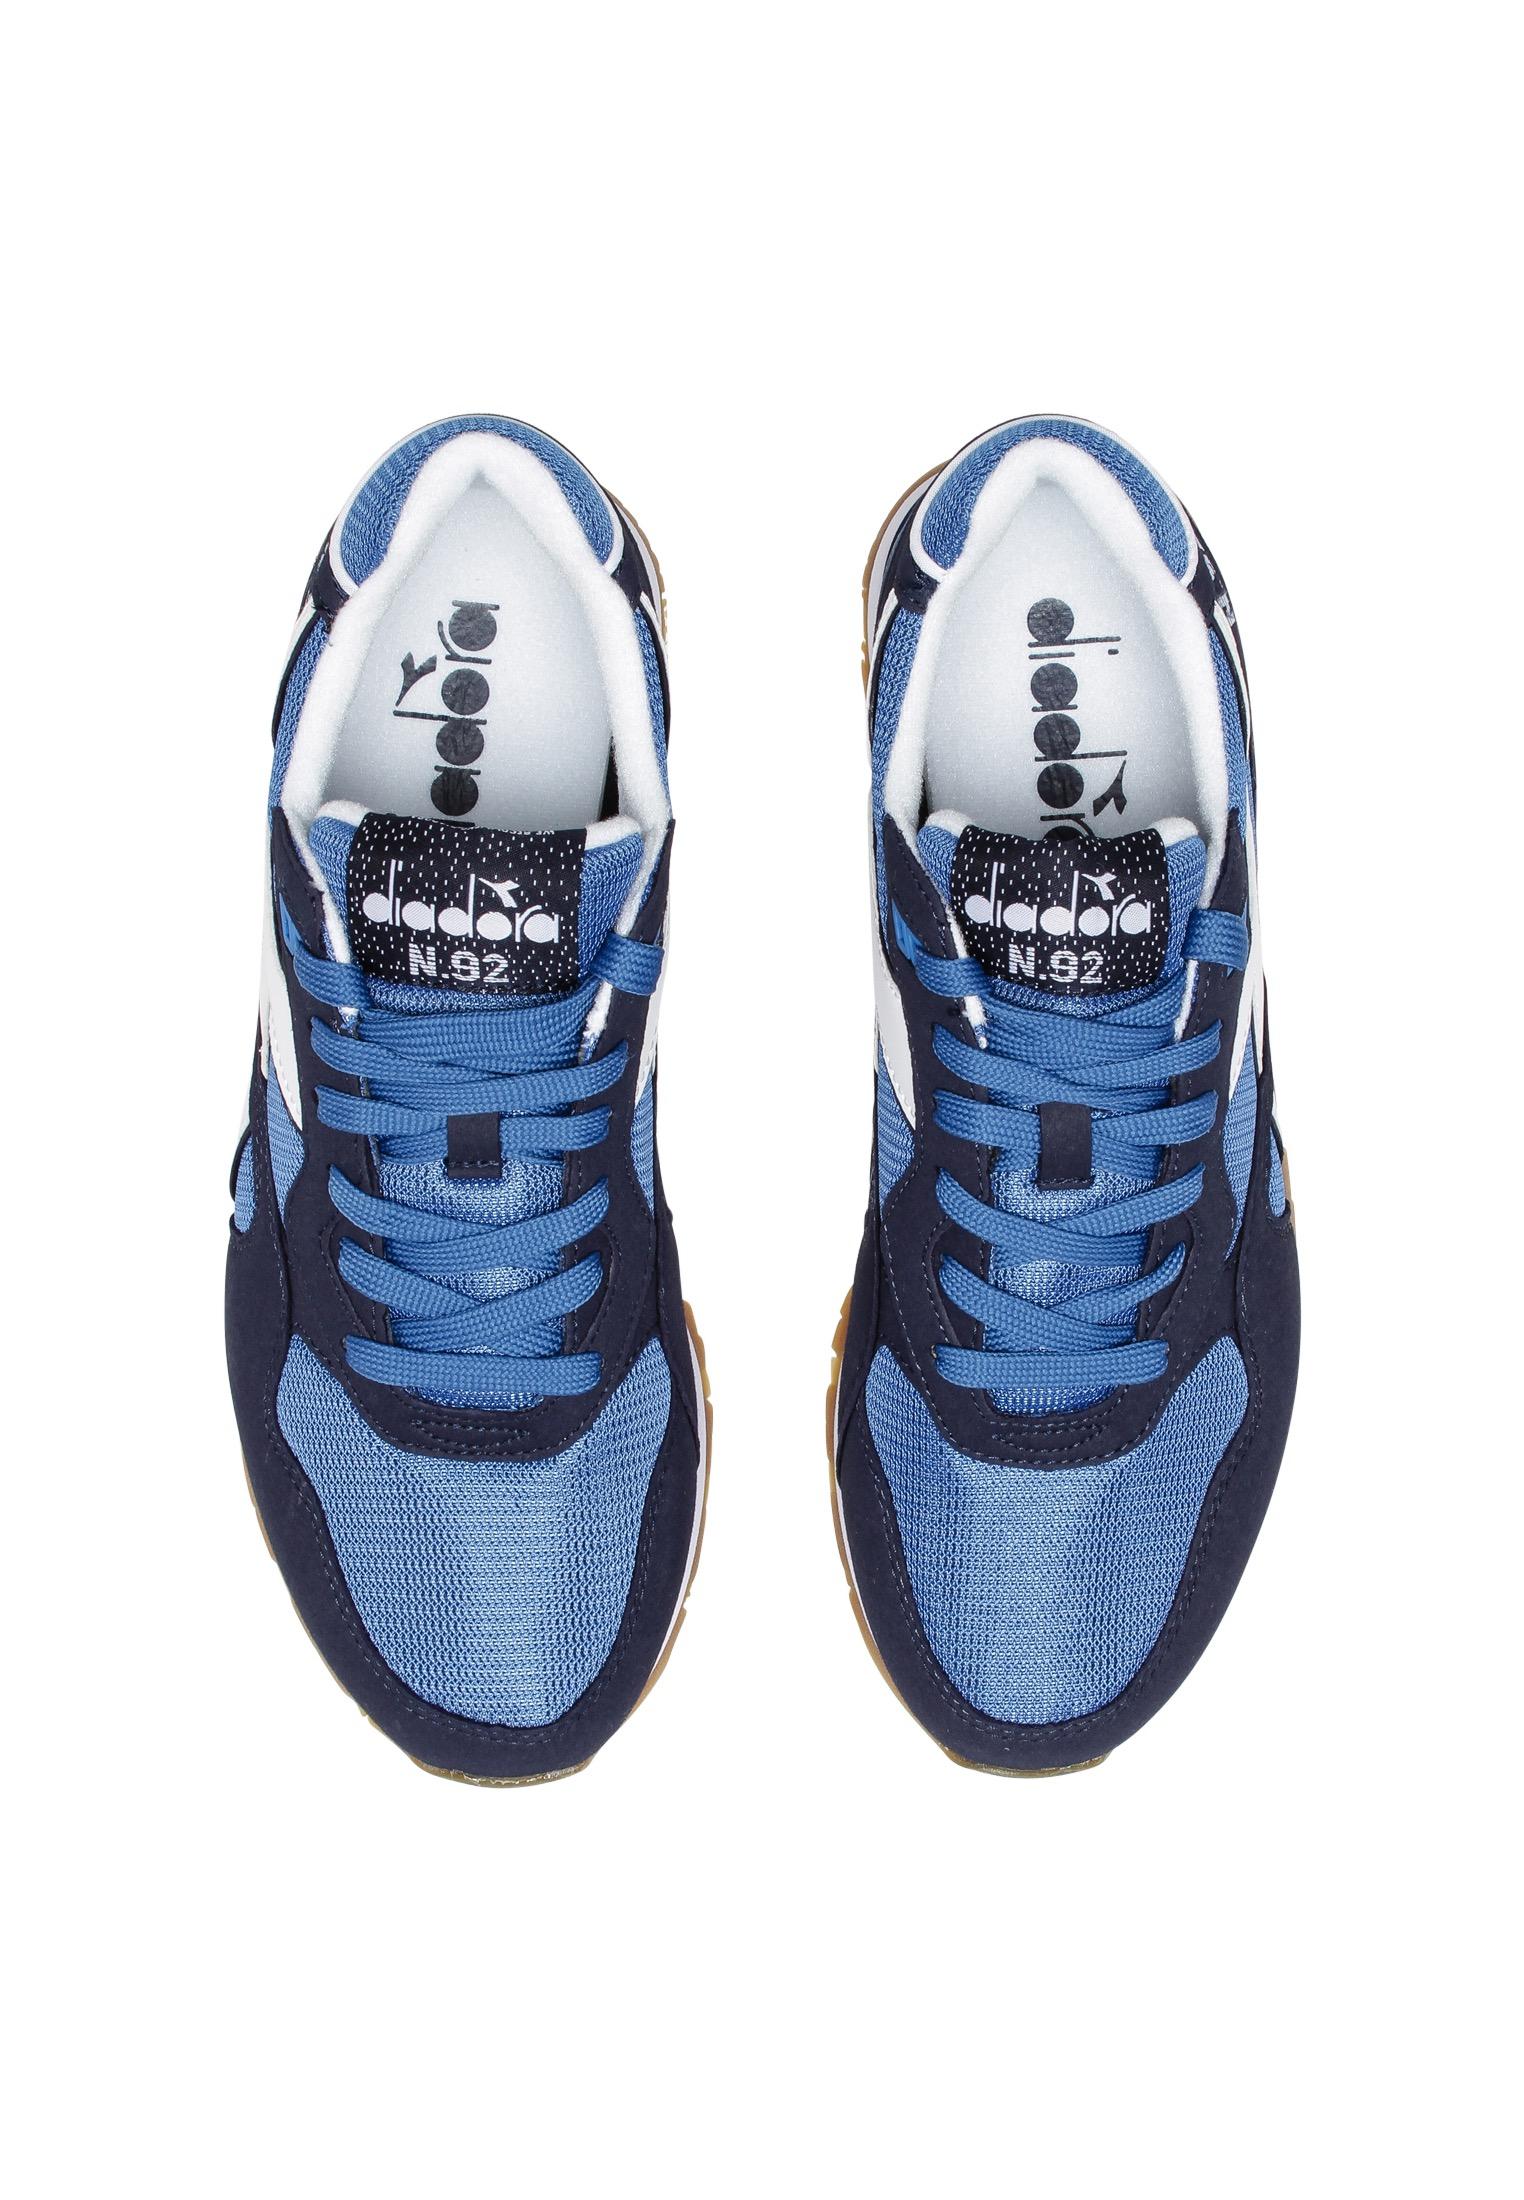 miniatura 30 - Diadora - Sneakers N.92 per uomo e donna